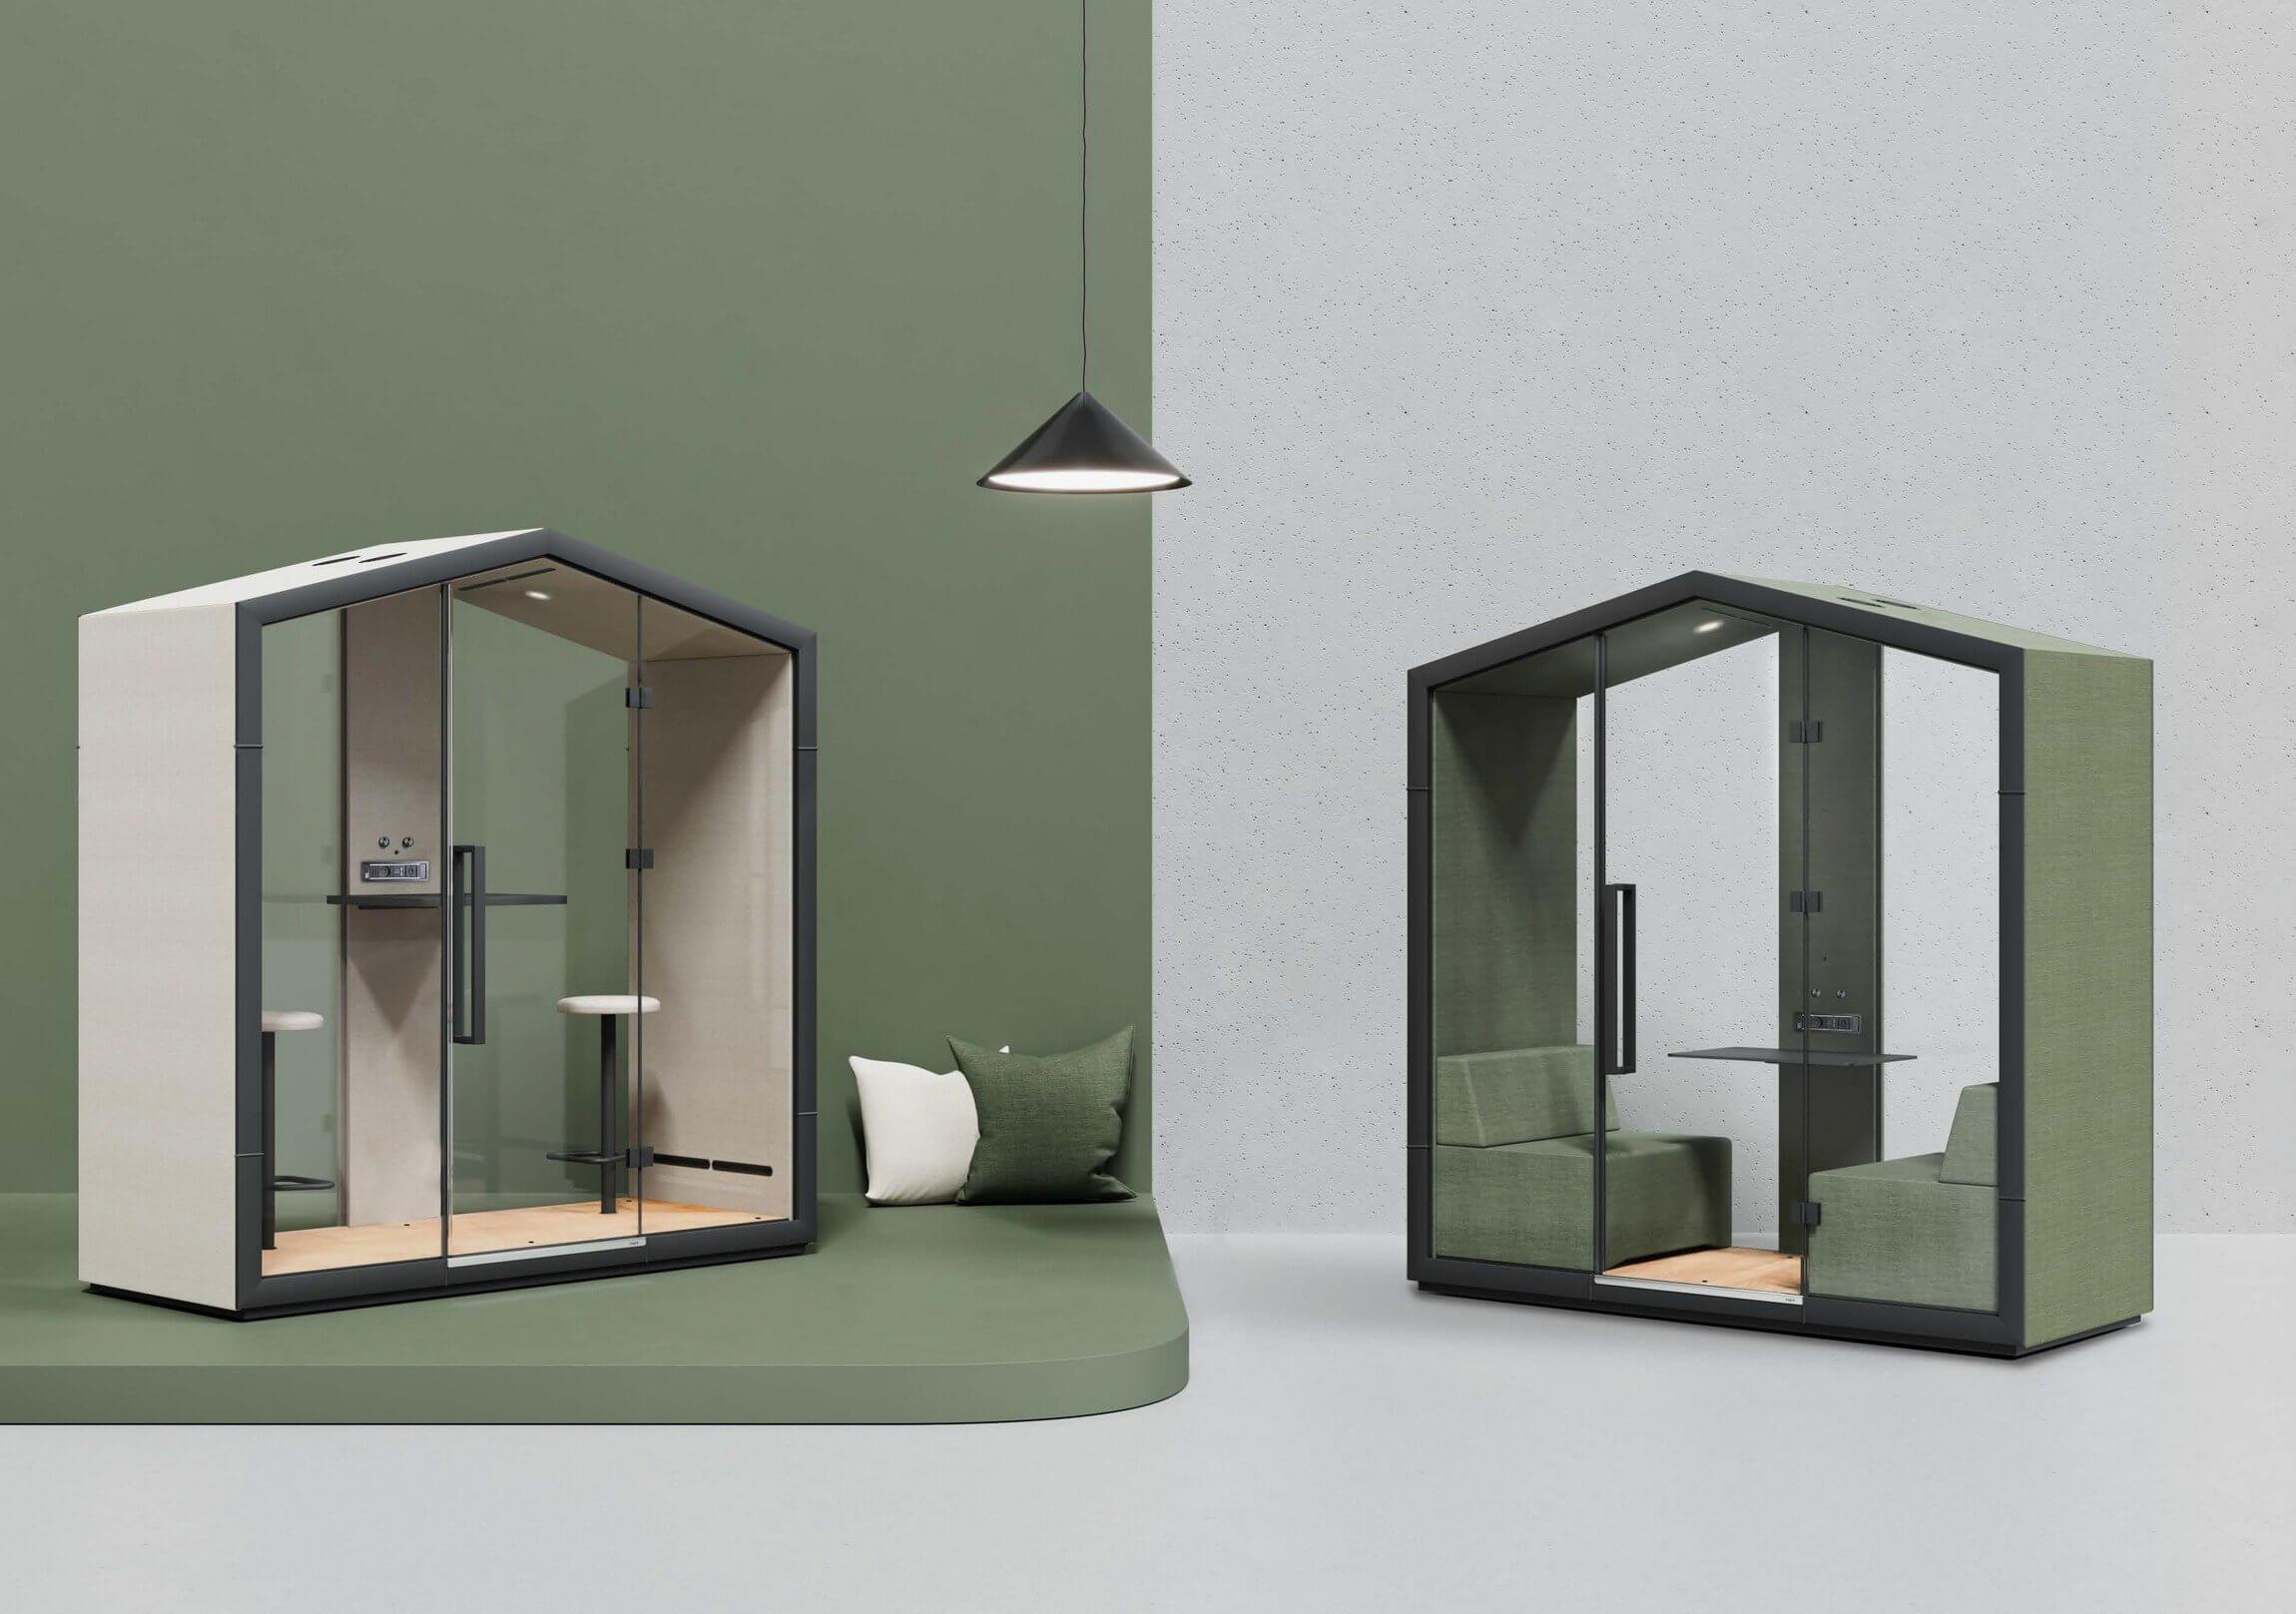 Cabine acoustique design HOME pour 2 personnes.